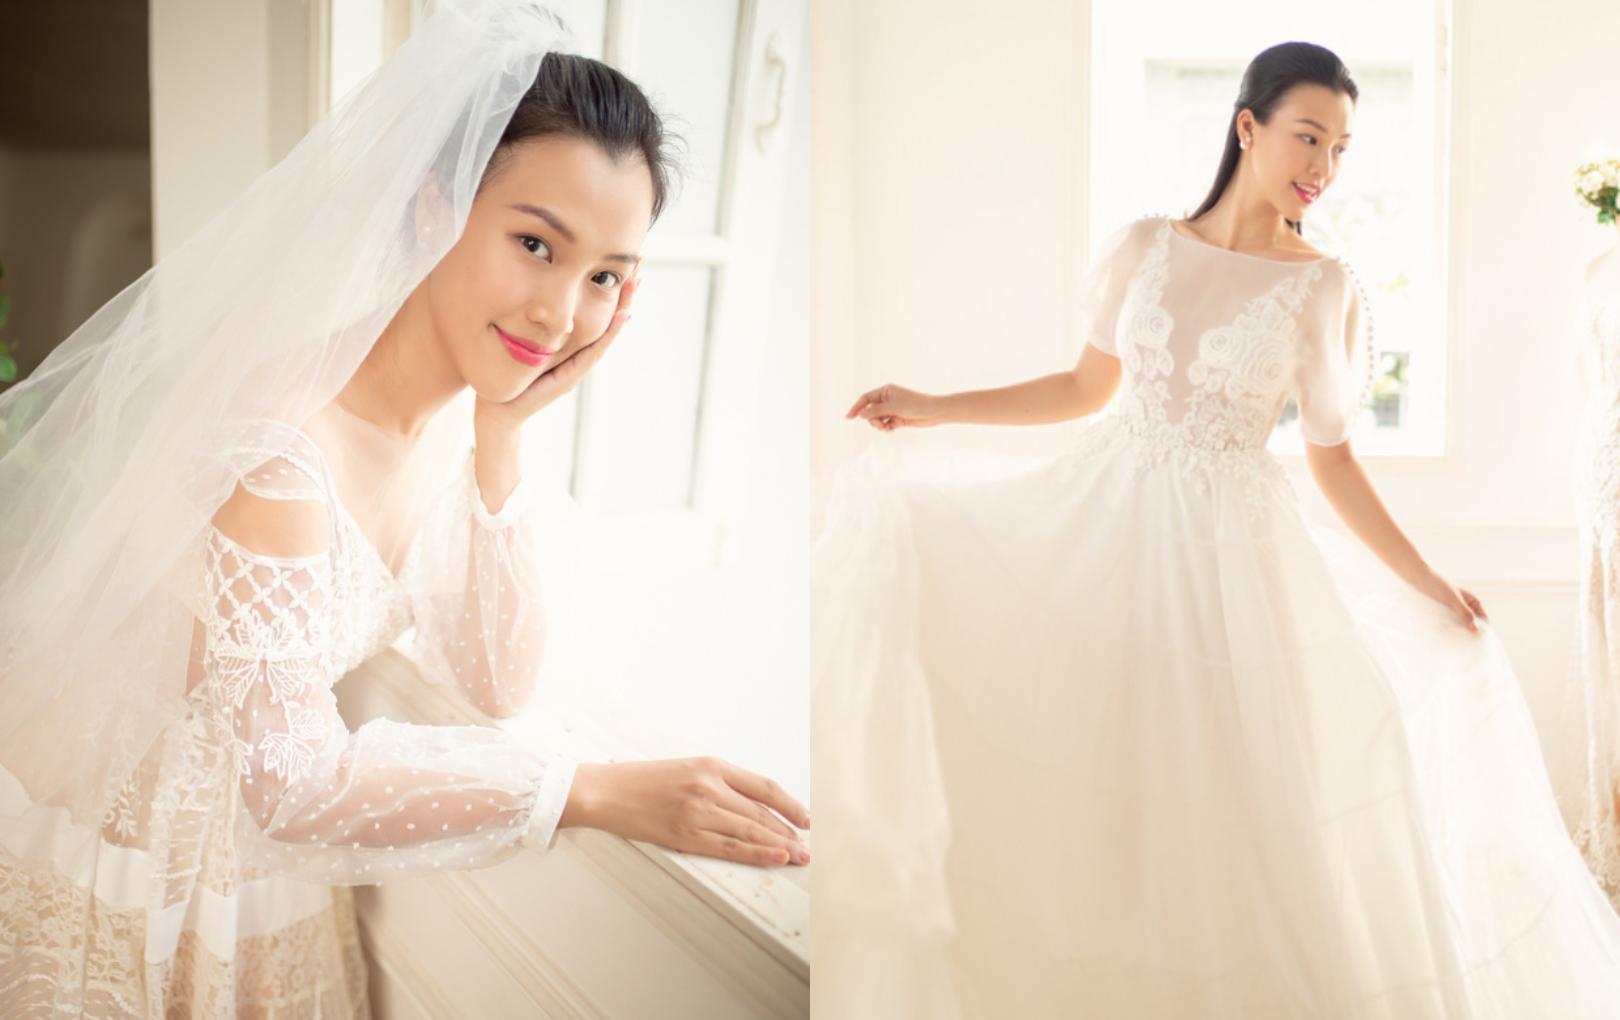 Hoàng Oanh một mình đi thử áo cưới, xinh đẹp như công chúa trước ngày trọng đại